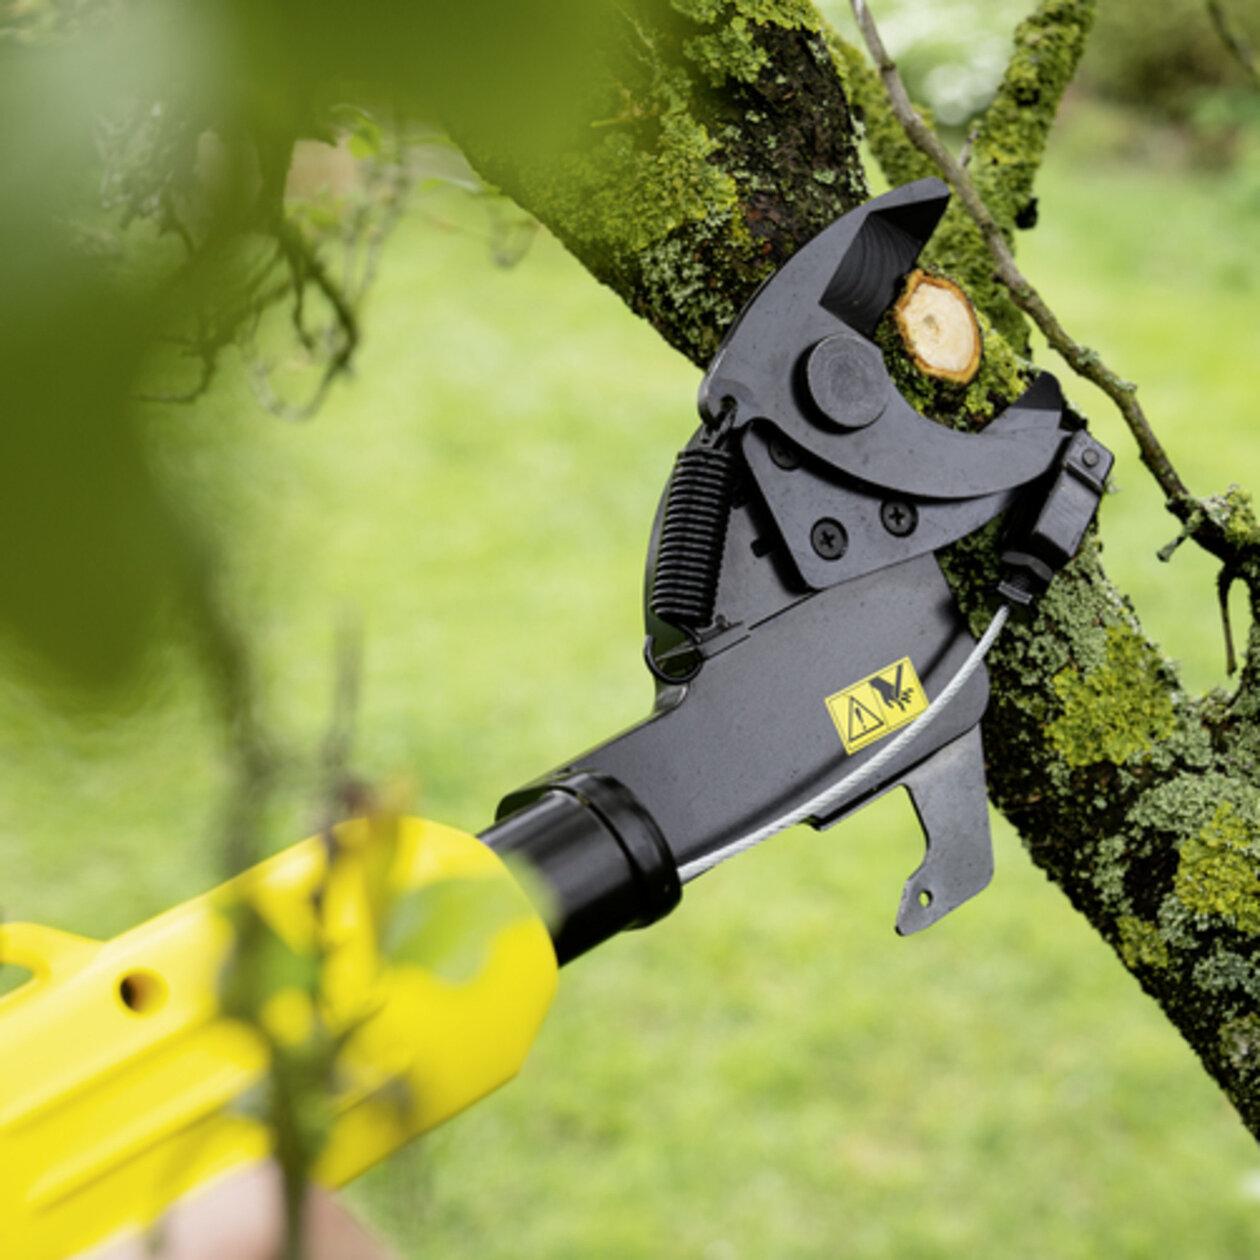 Nůžky na větve TLO 18-32 Battery: Dvojitá čepel